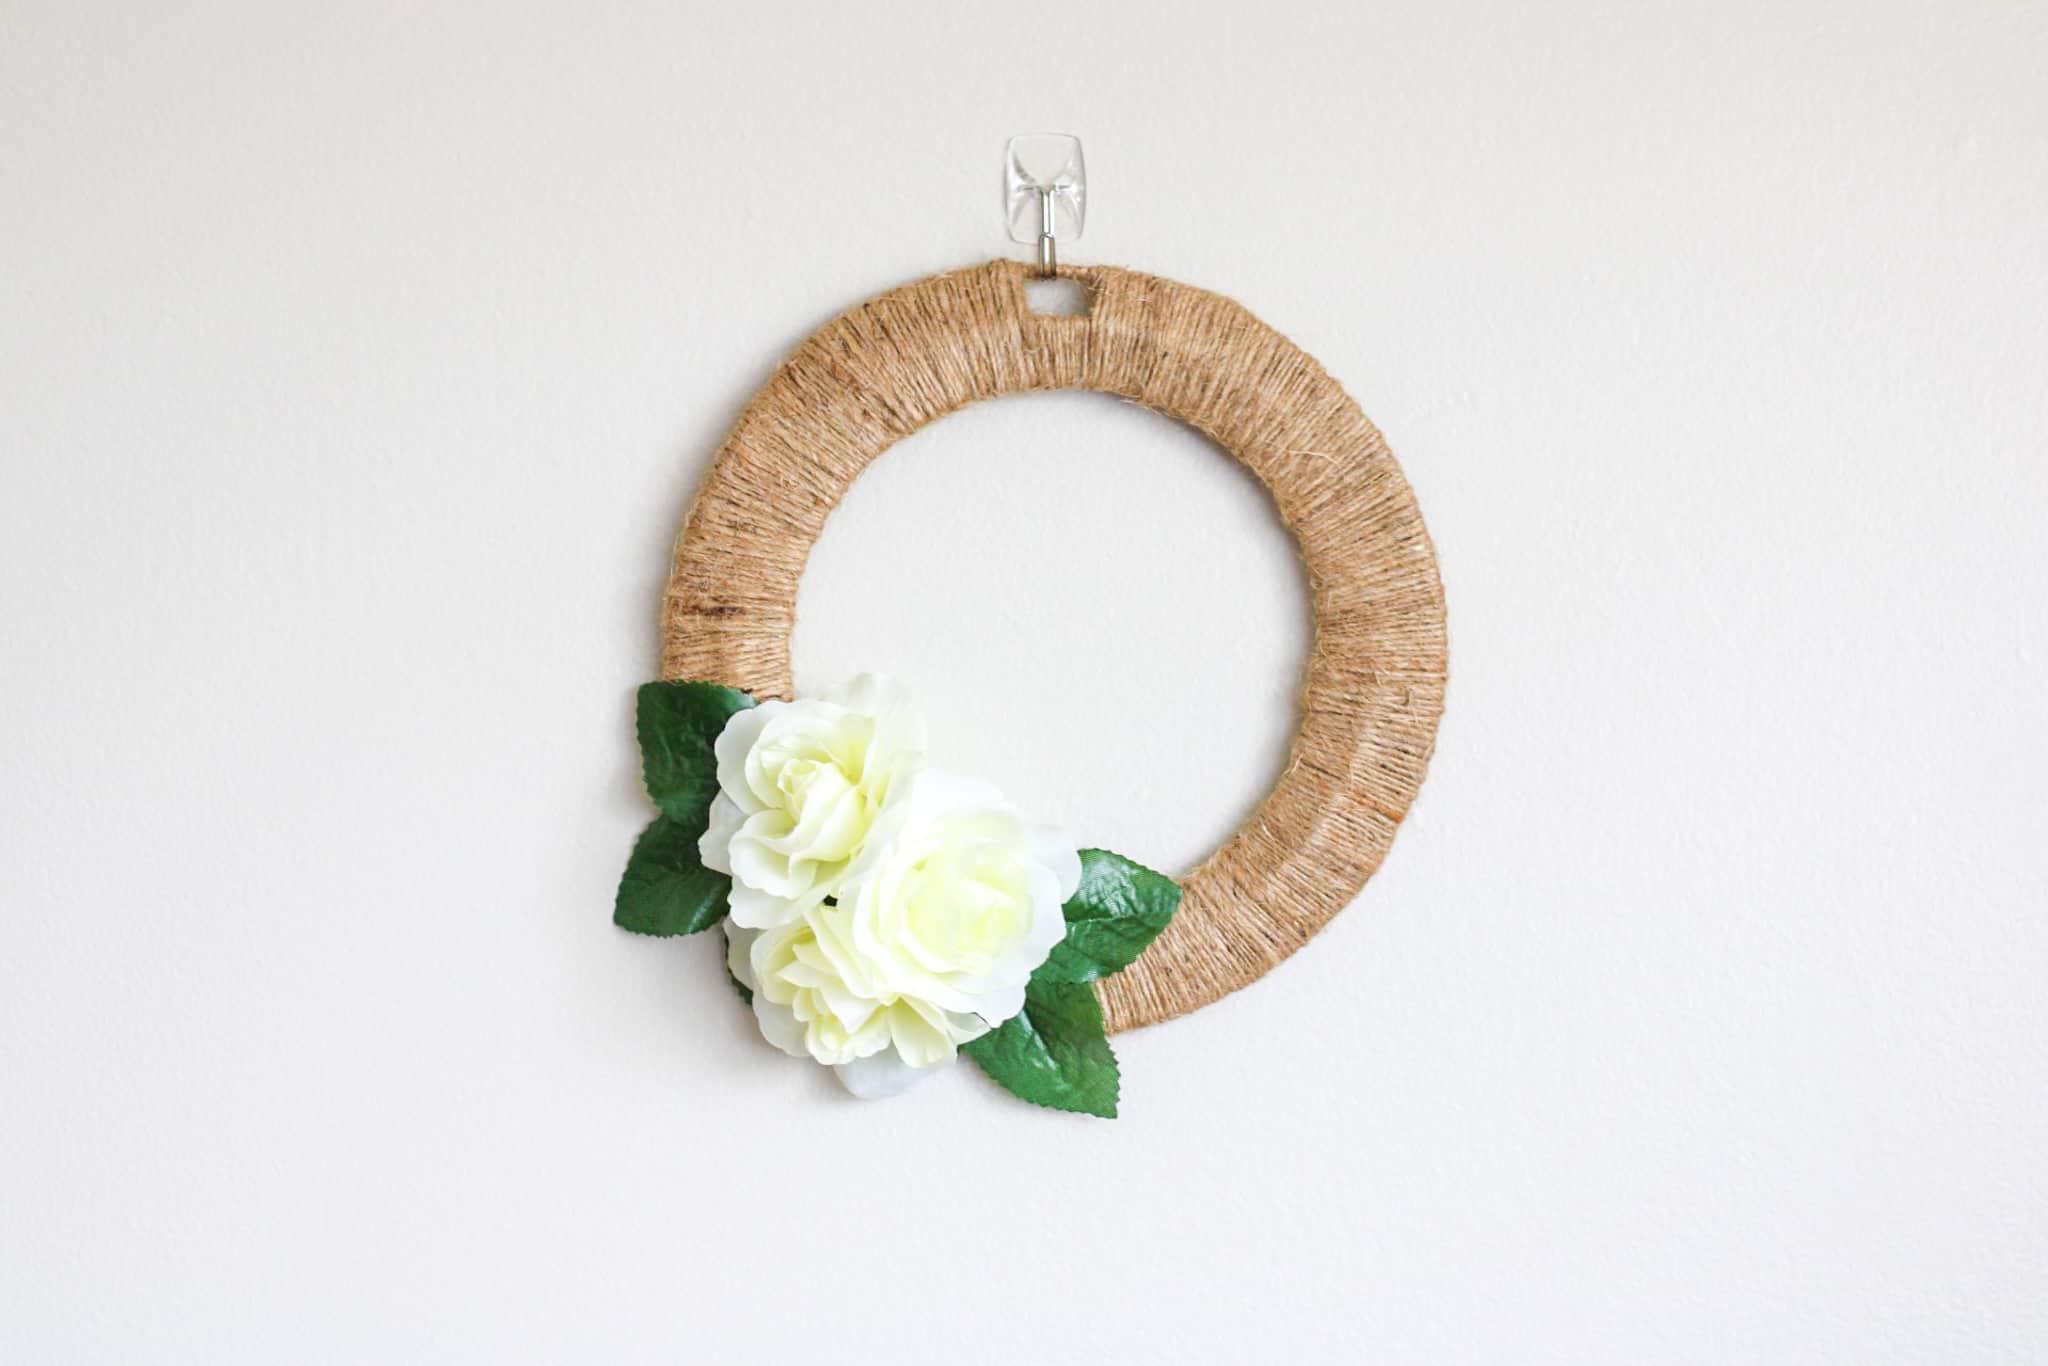 dollar tree diy wreath hung on wall